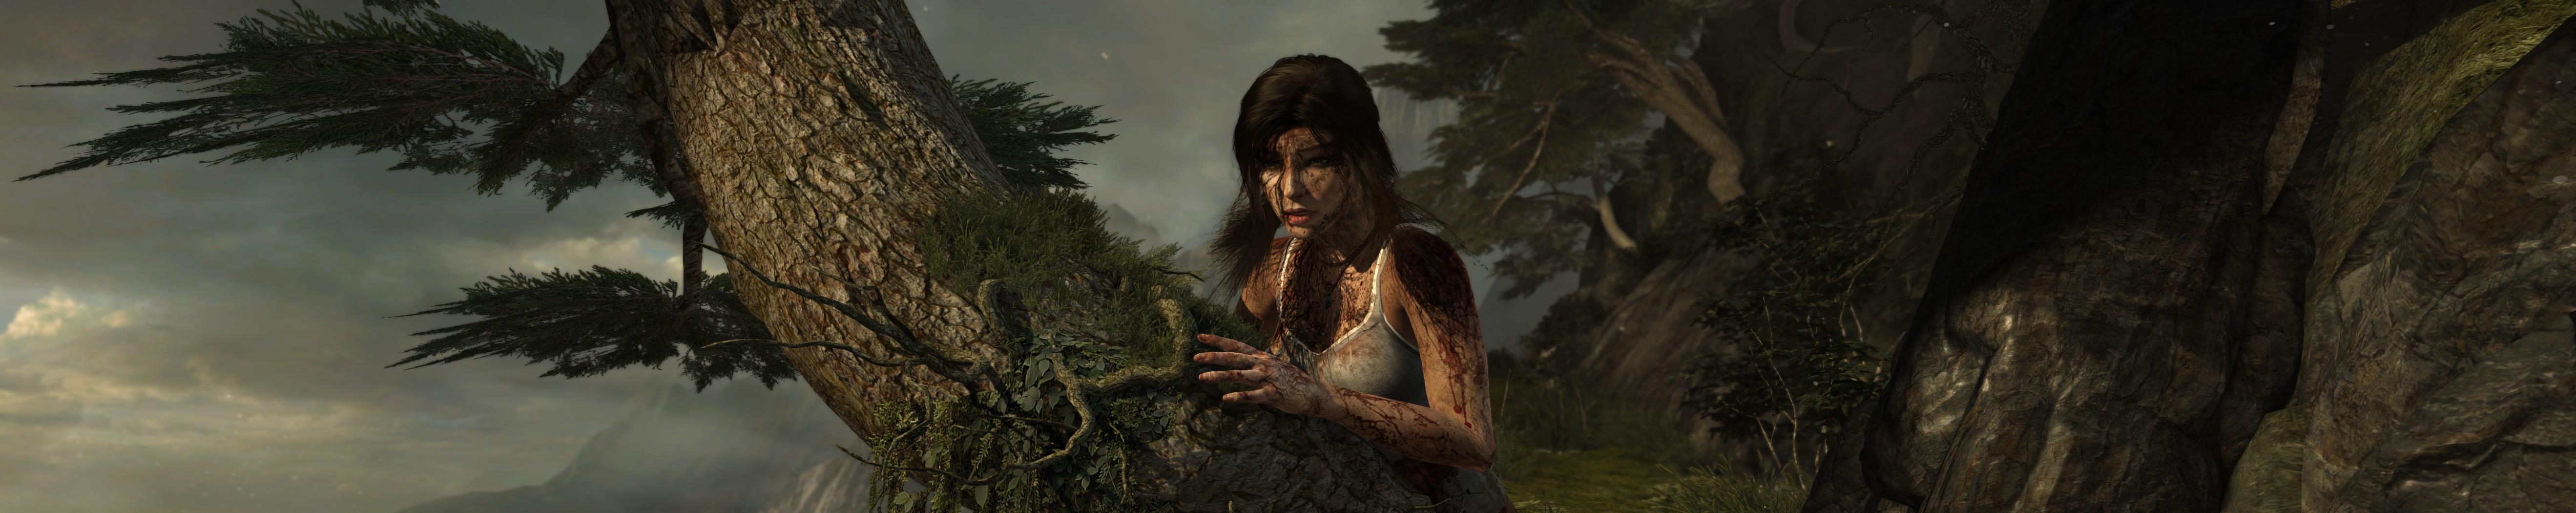 Lara nach den ersten Spielmomenten